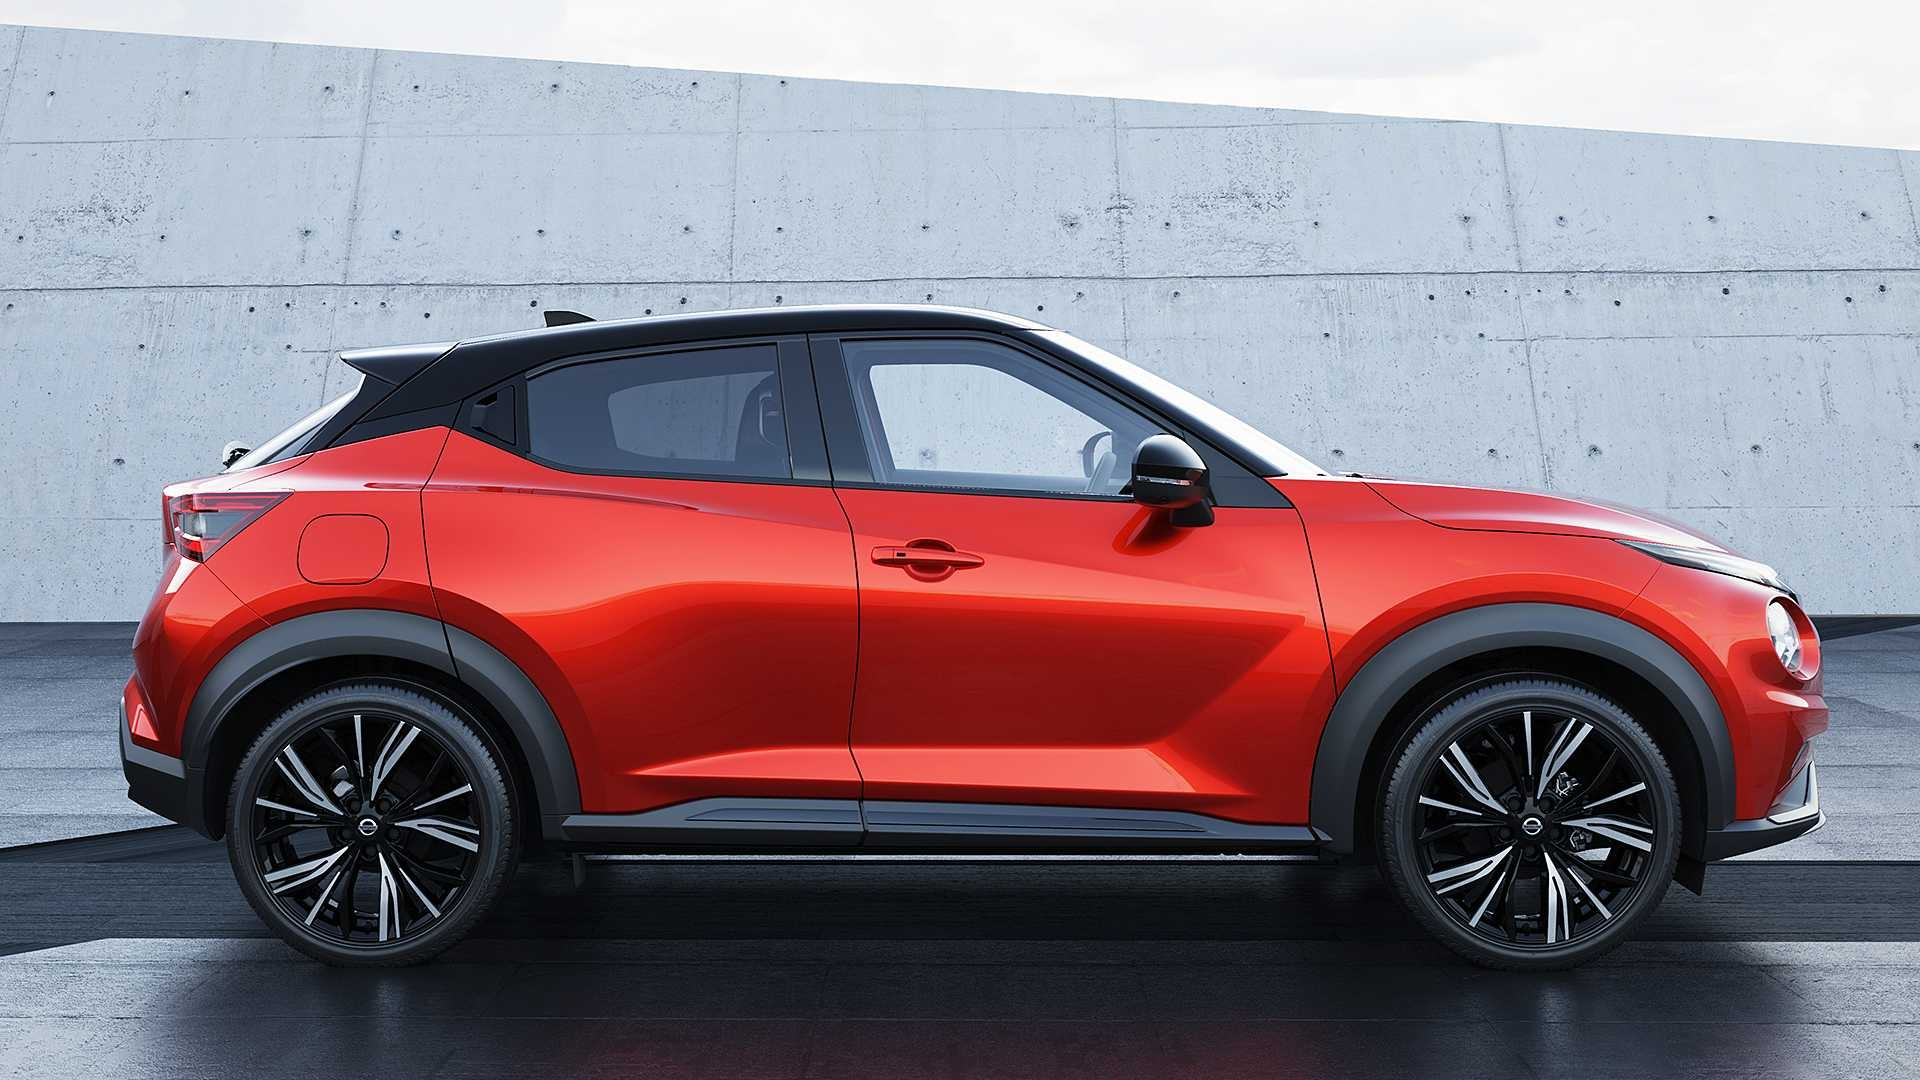 Ngam Nissan Juke 2020 bat dau ban ra voi gia 21.510 USD hinh anh 8